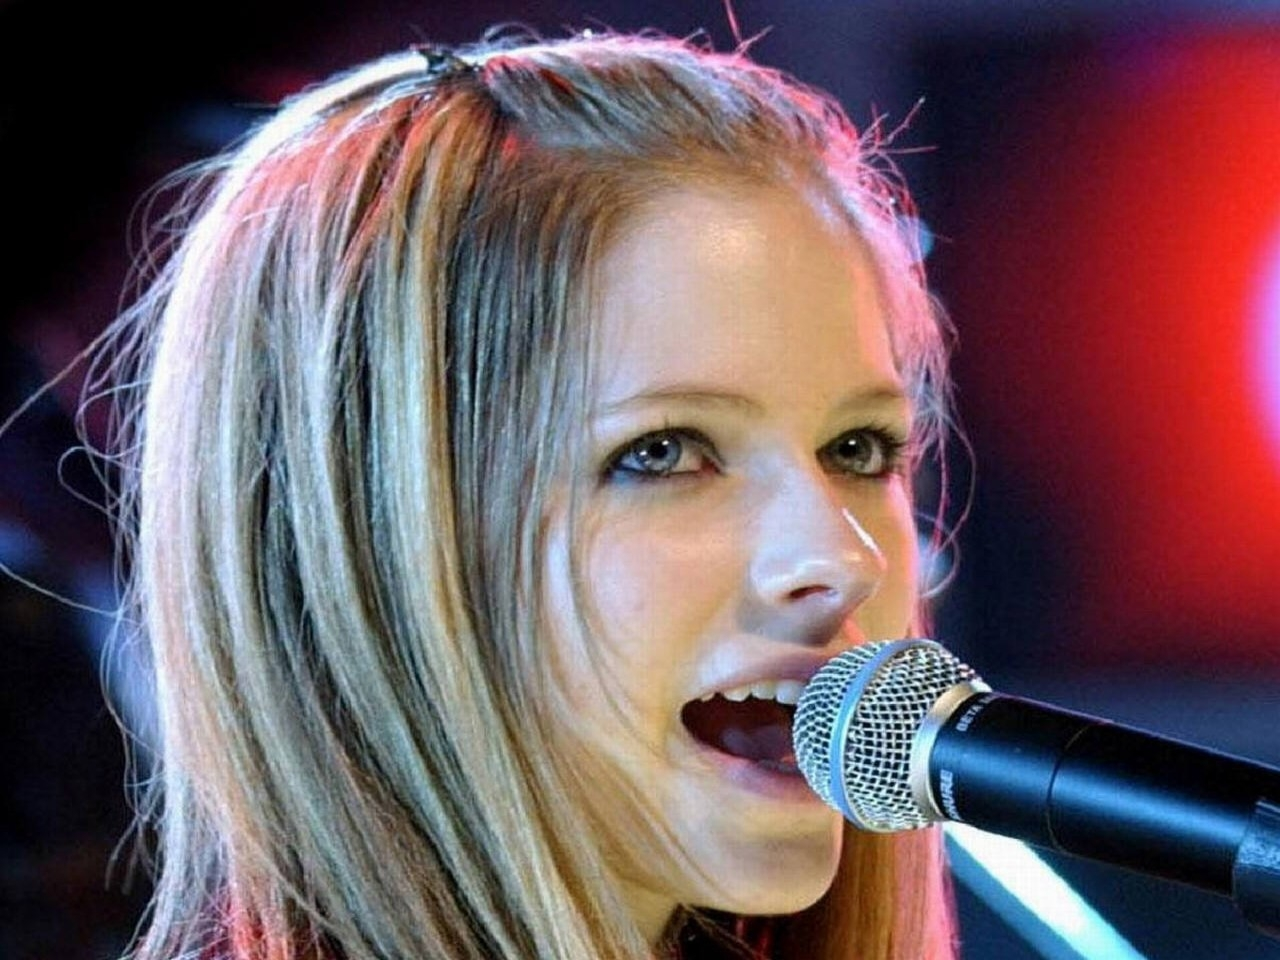 Wallpaper di Avril Lavigne in concerto